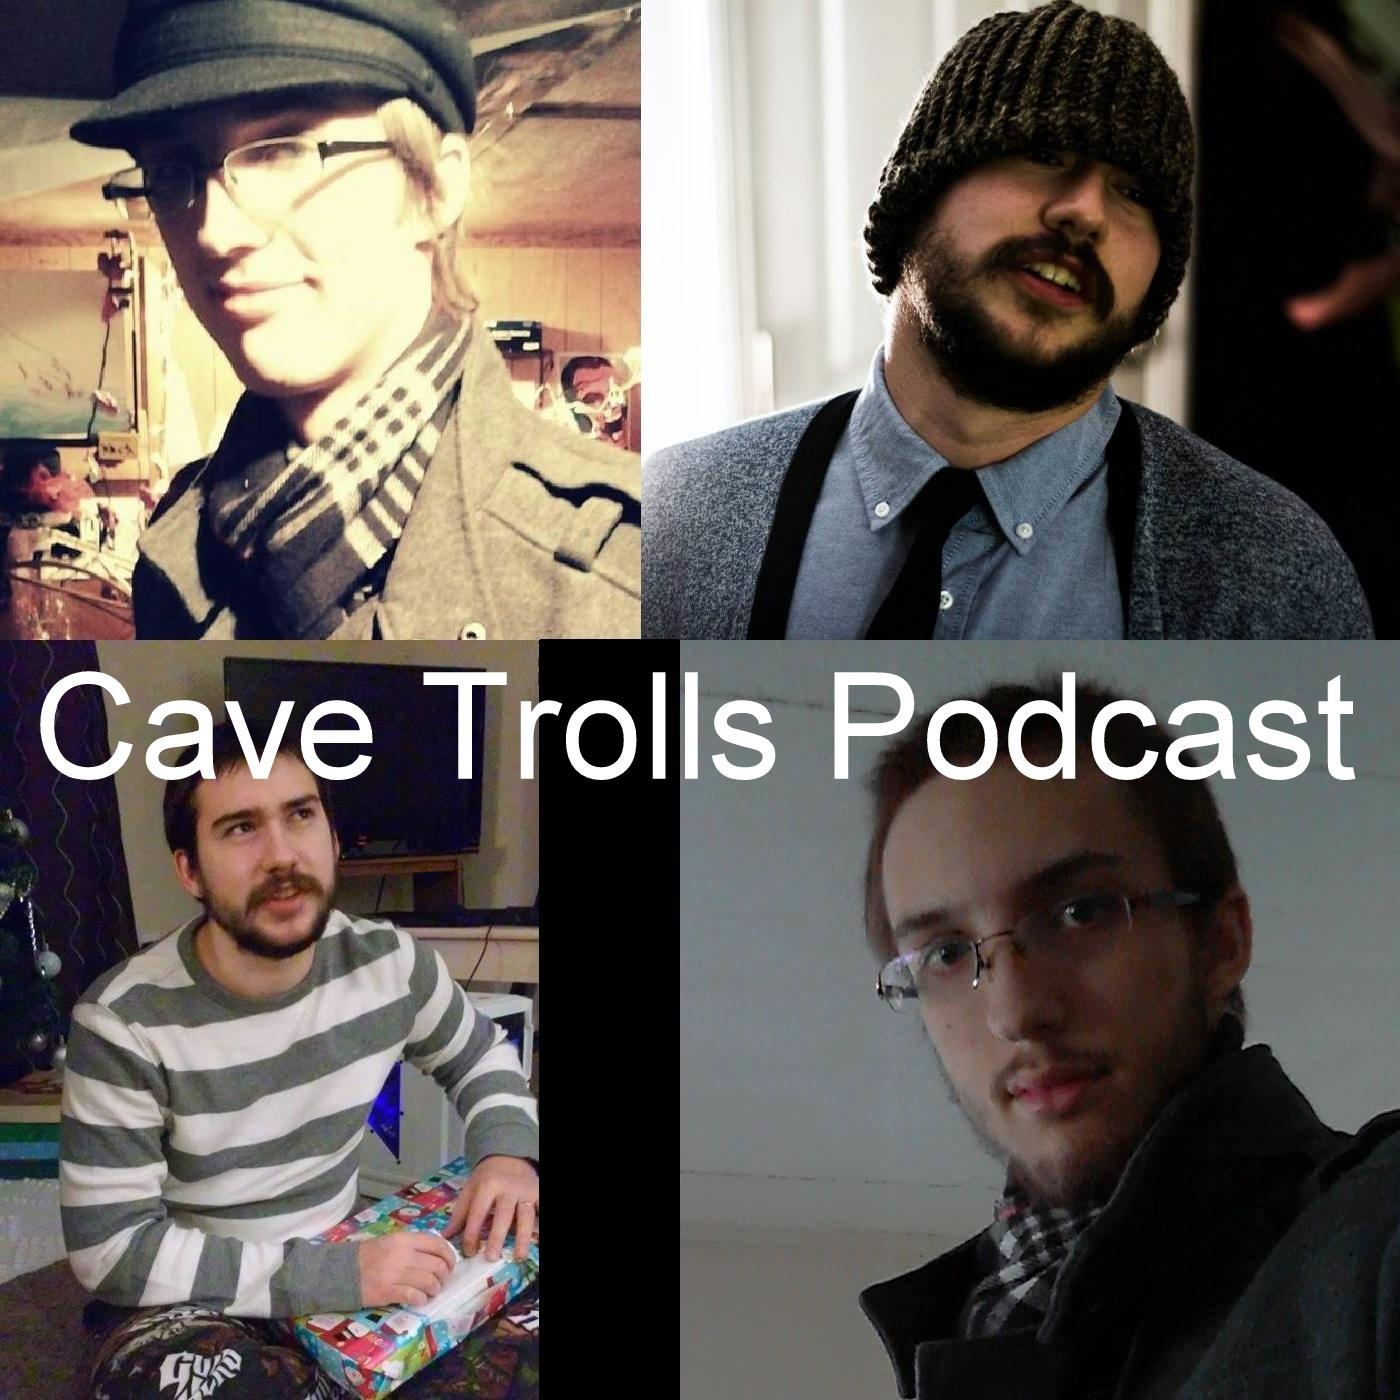 Cave Trolls